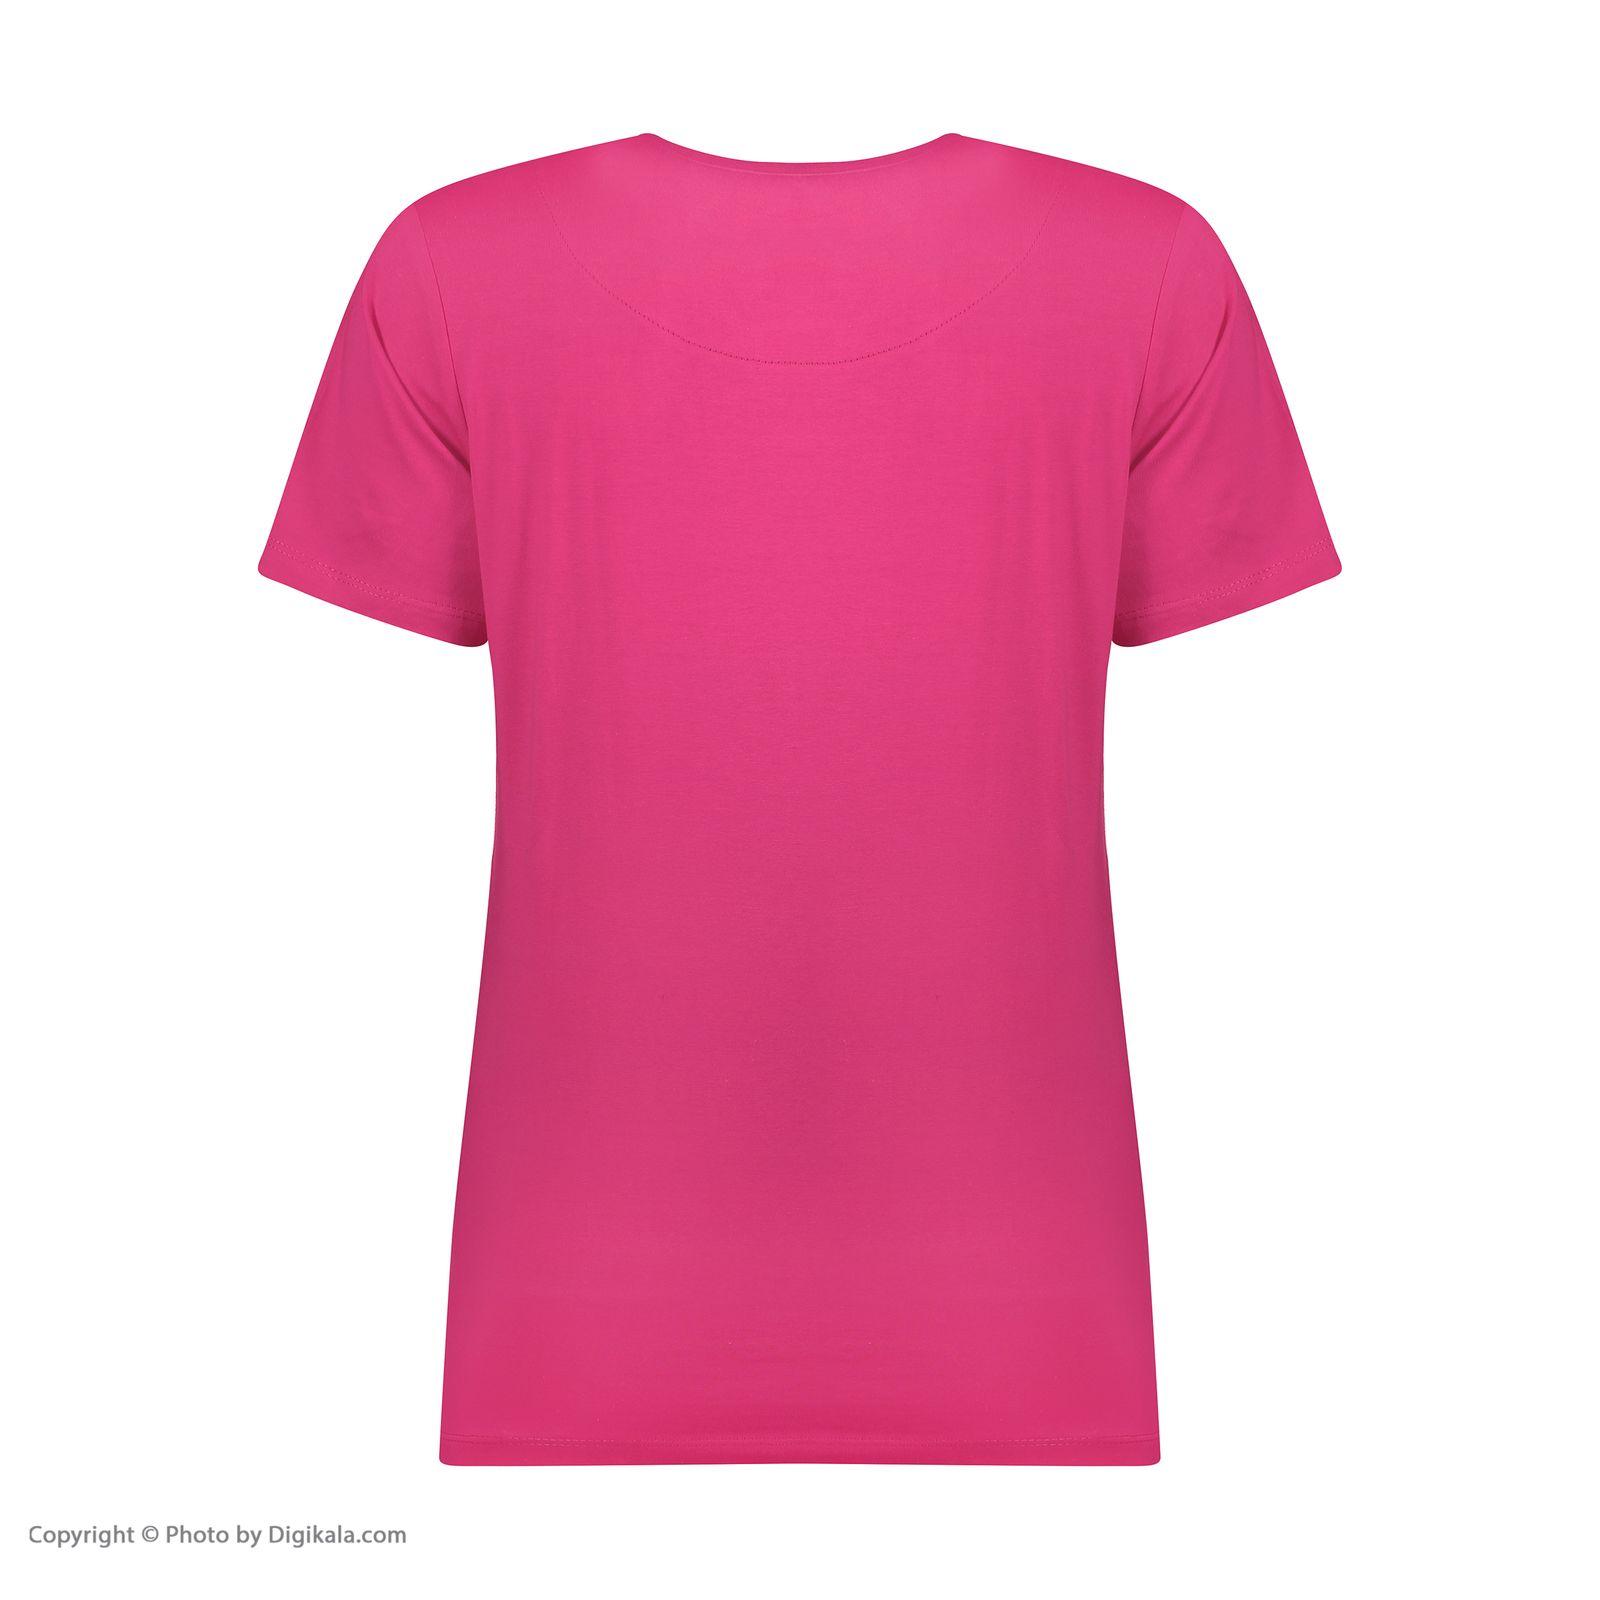 ست تی شرت و شلوارک راحتی زنانه مادر مدل 2041101-66 -  - 6